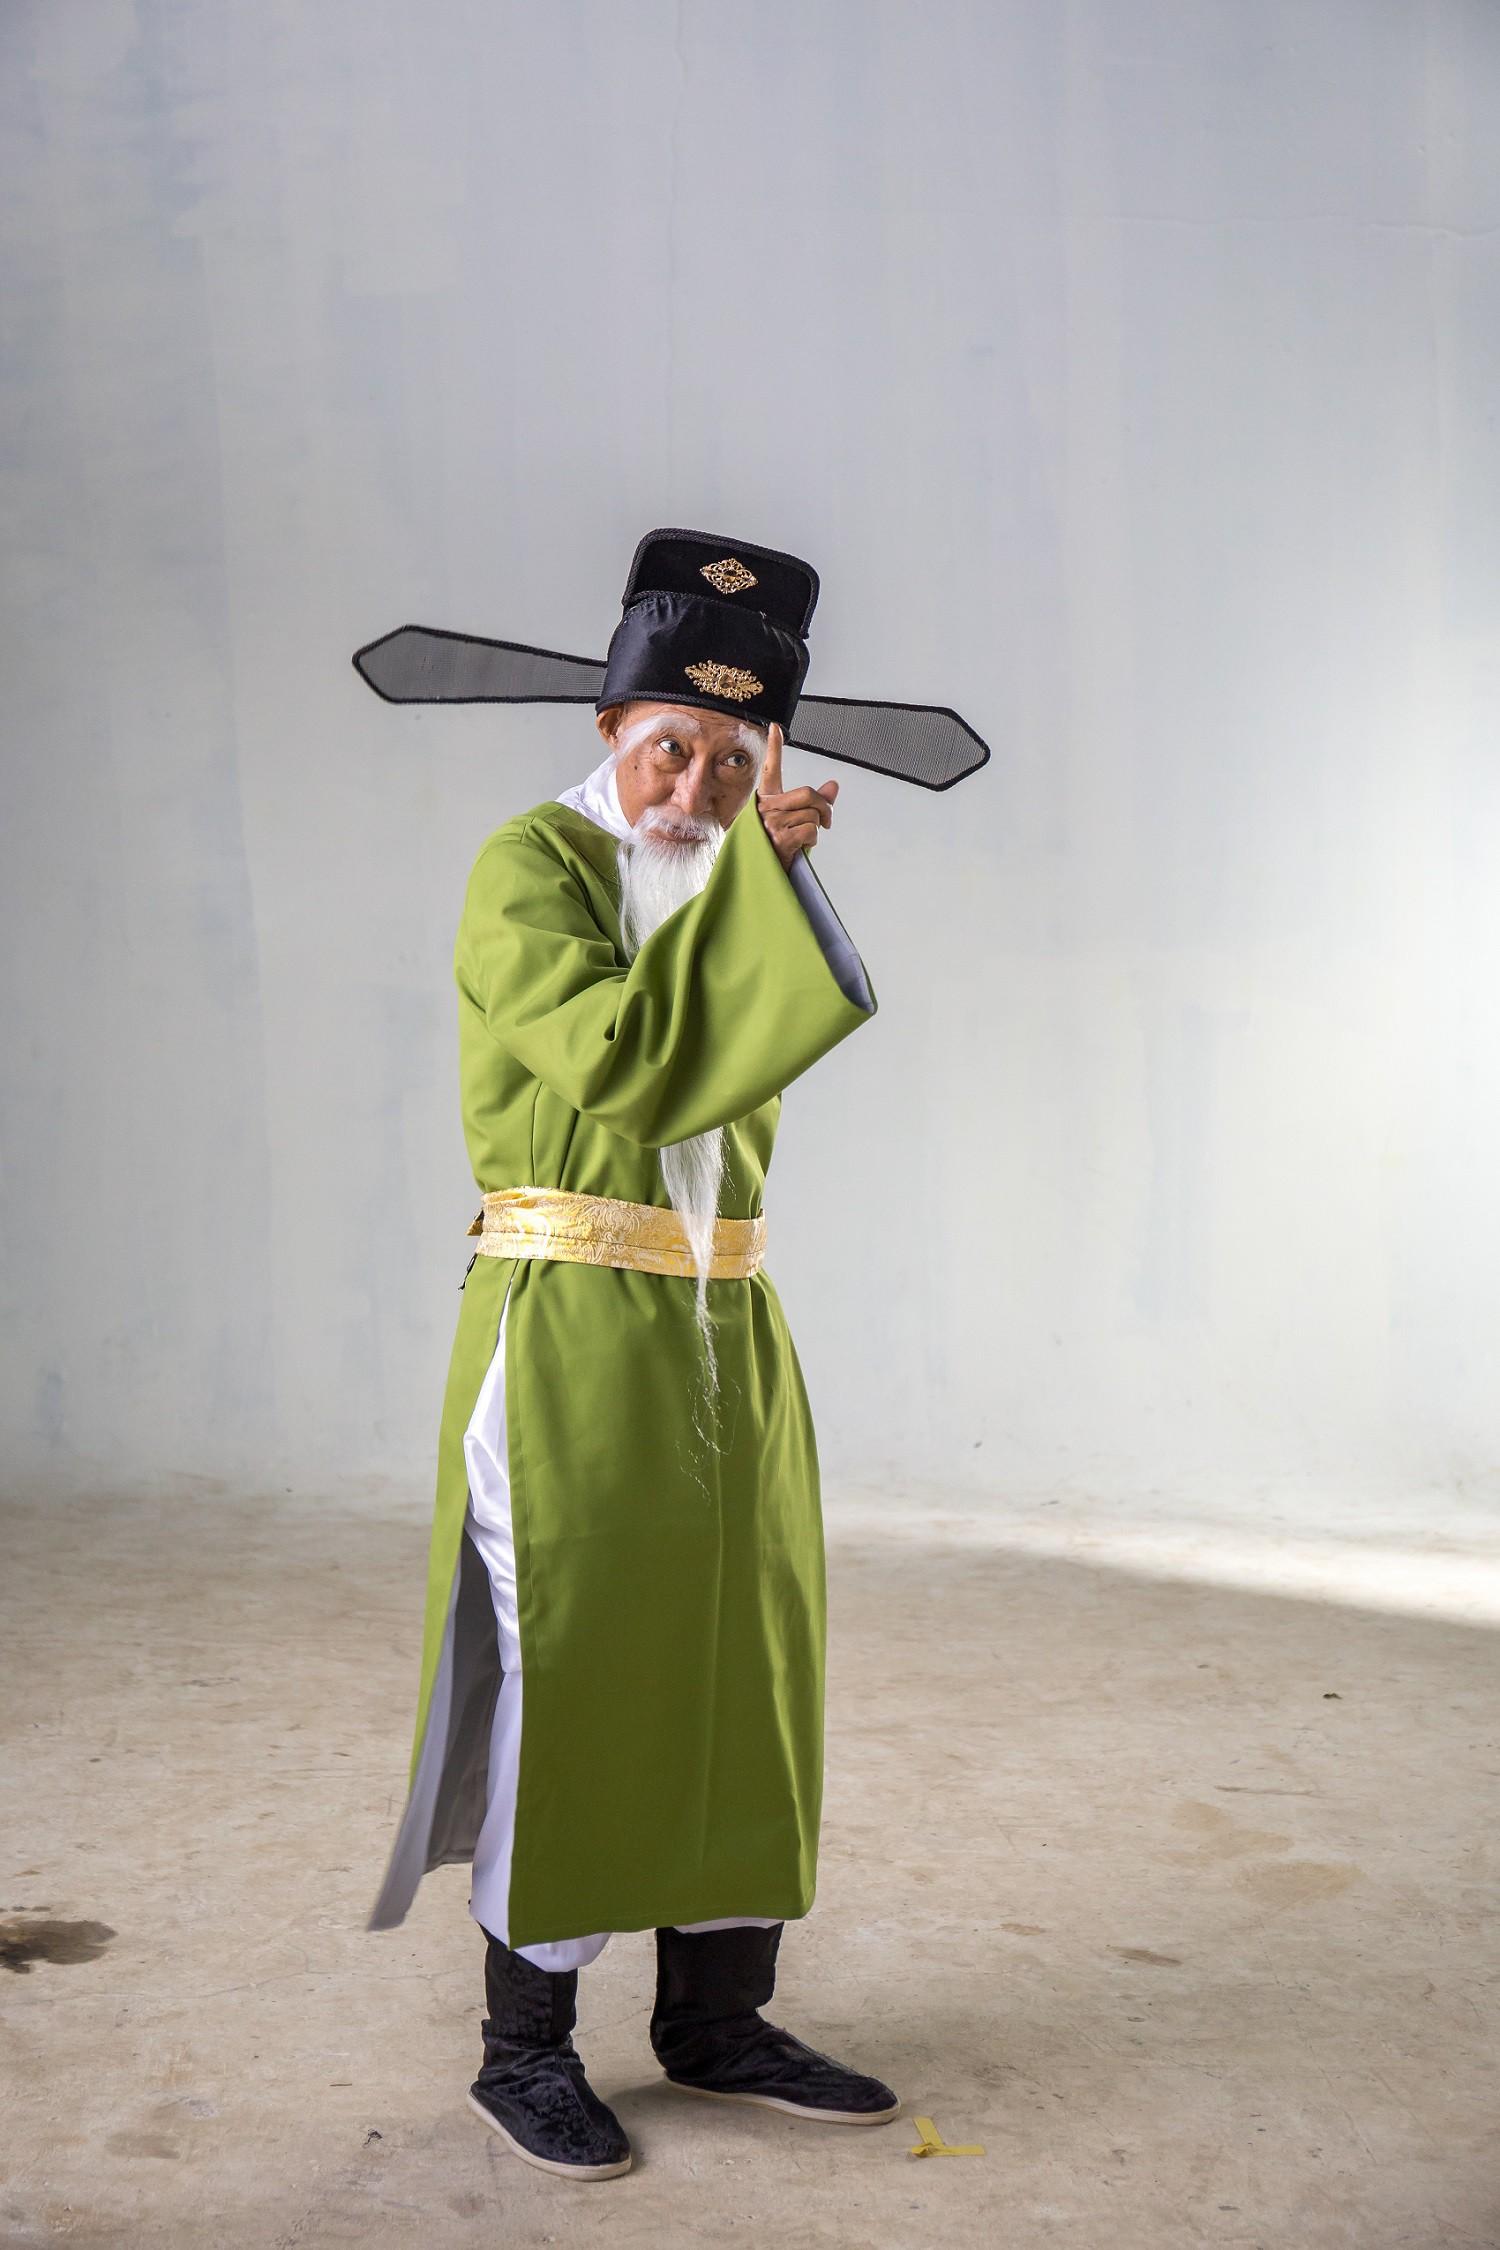 Tết năm nay, Táo Quân tấn công màn ảnh rộng cùng loạt sao hài miền Nam - Ảnh 6.